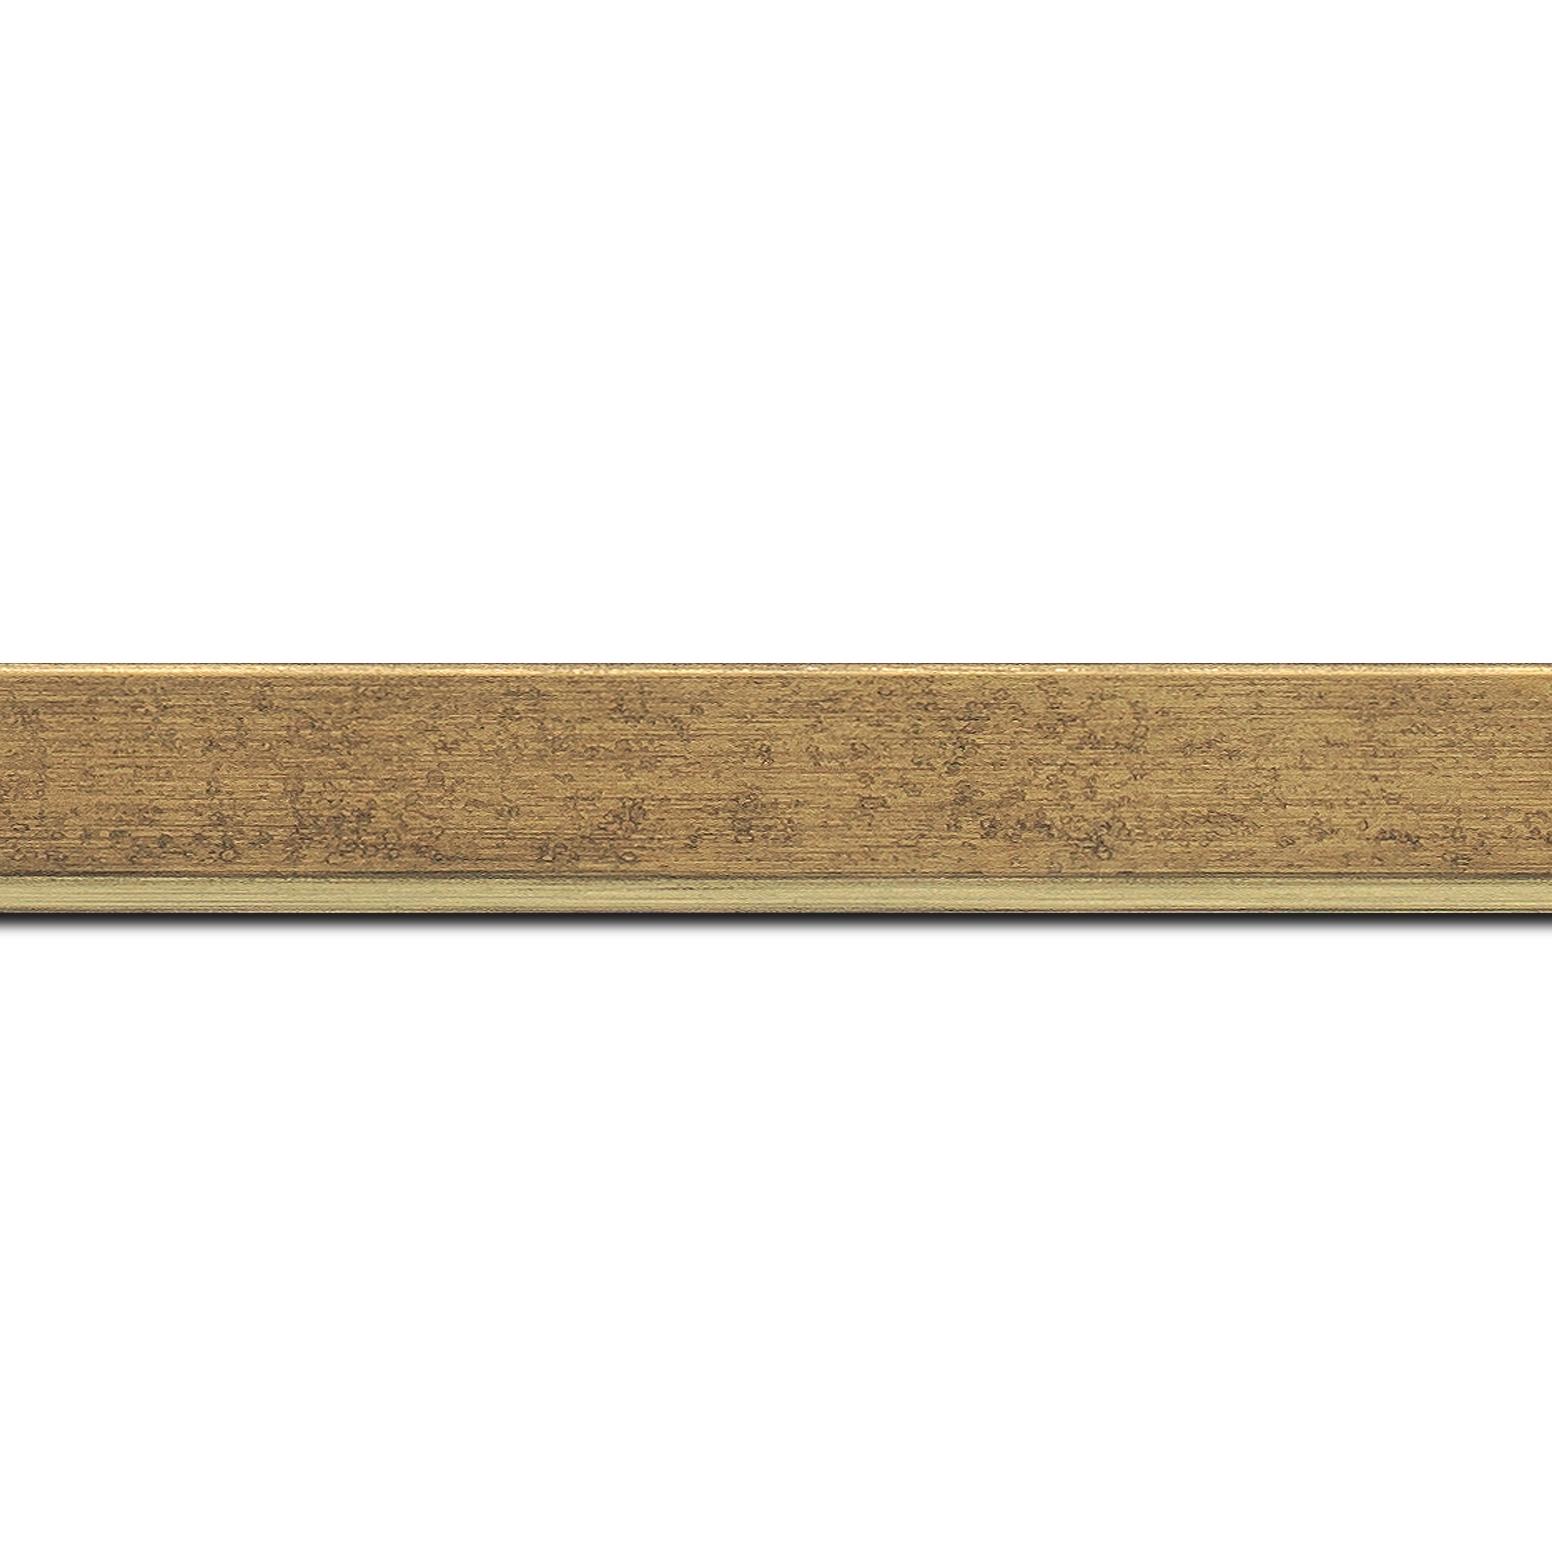 Pack par 12m, bois profil incliné en pente largeur 2.5cm couleur or patiné filet or (longueur baguette pouvant varier entre 2.40m et 3m selon arrivage des bois)